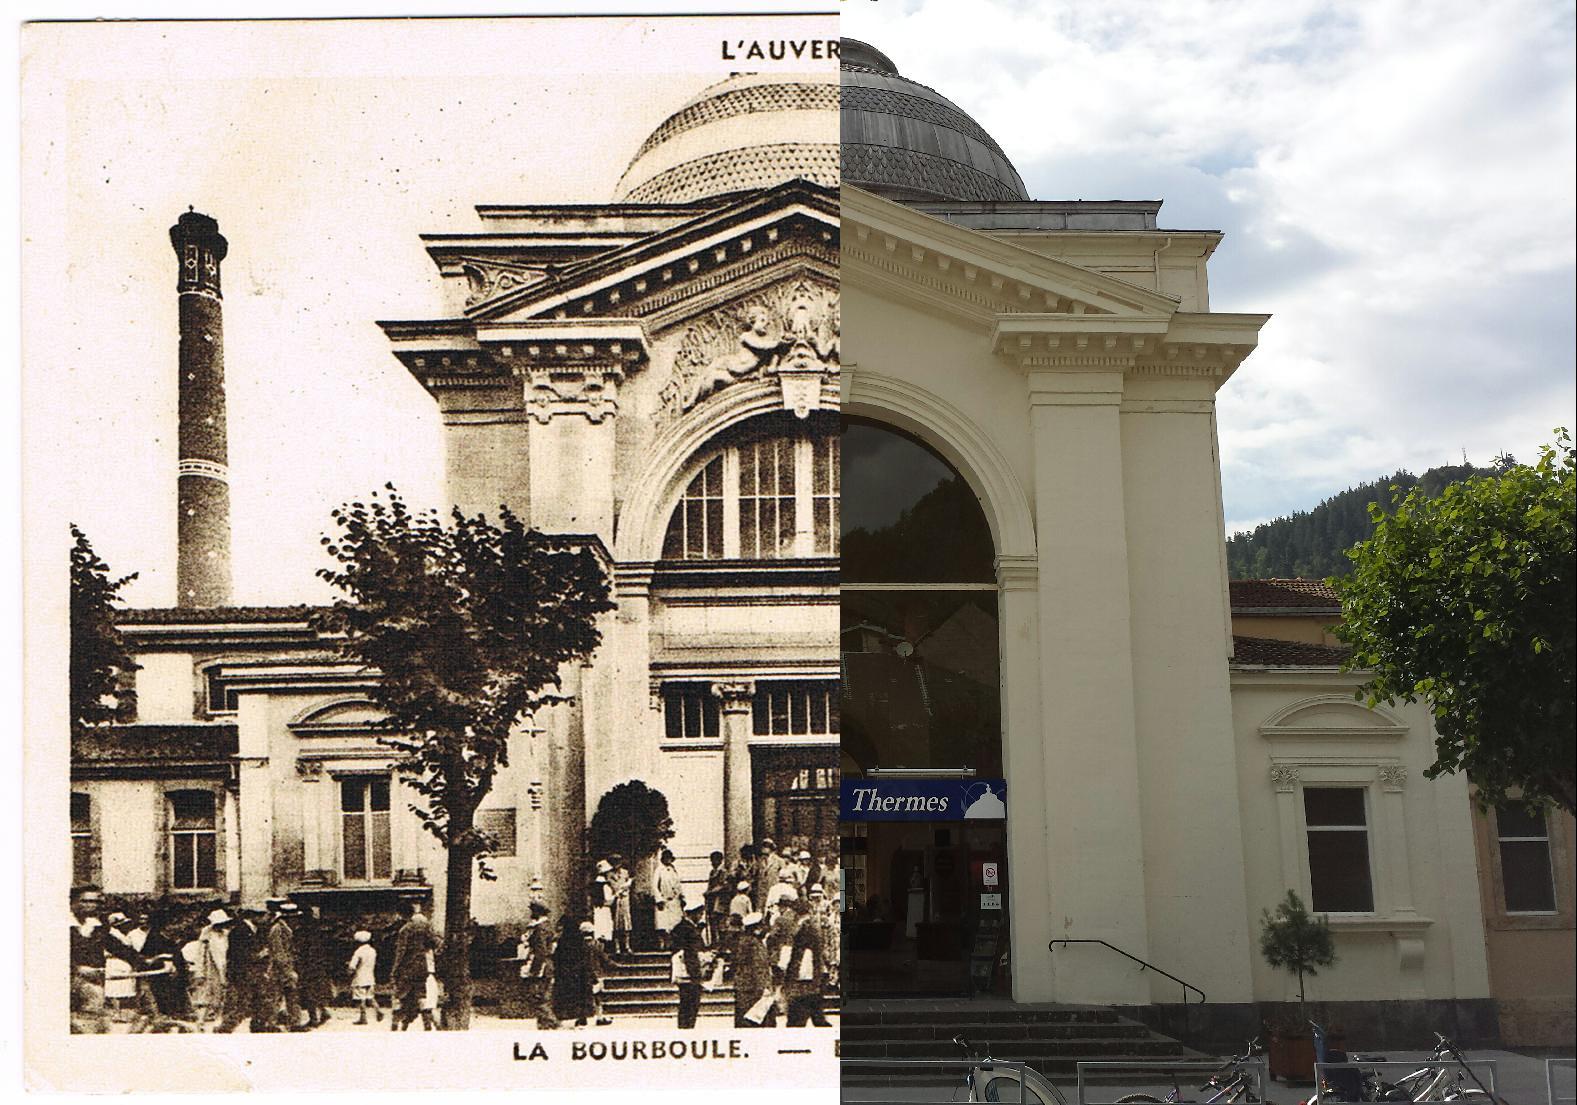 La Bourboule - La Bourboule - INSEE 63047 - Etablissement Thermal. L'Auvergne.